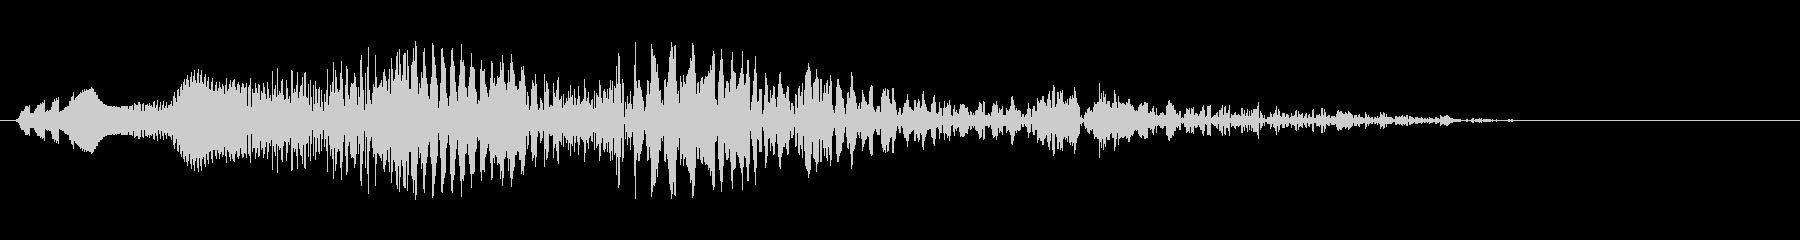 ギュルルルル(落下するような効果音)の未再生の波形